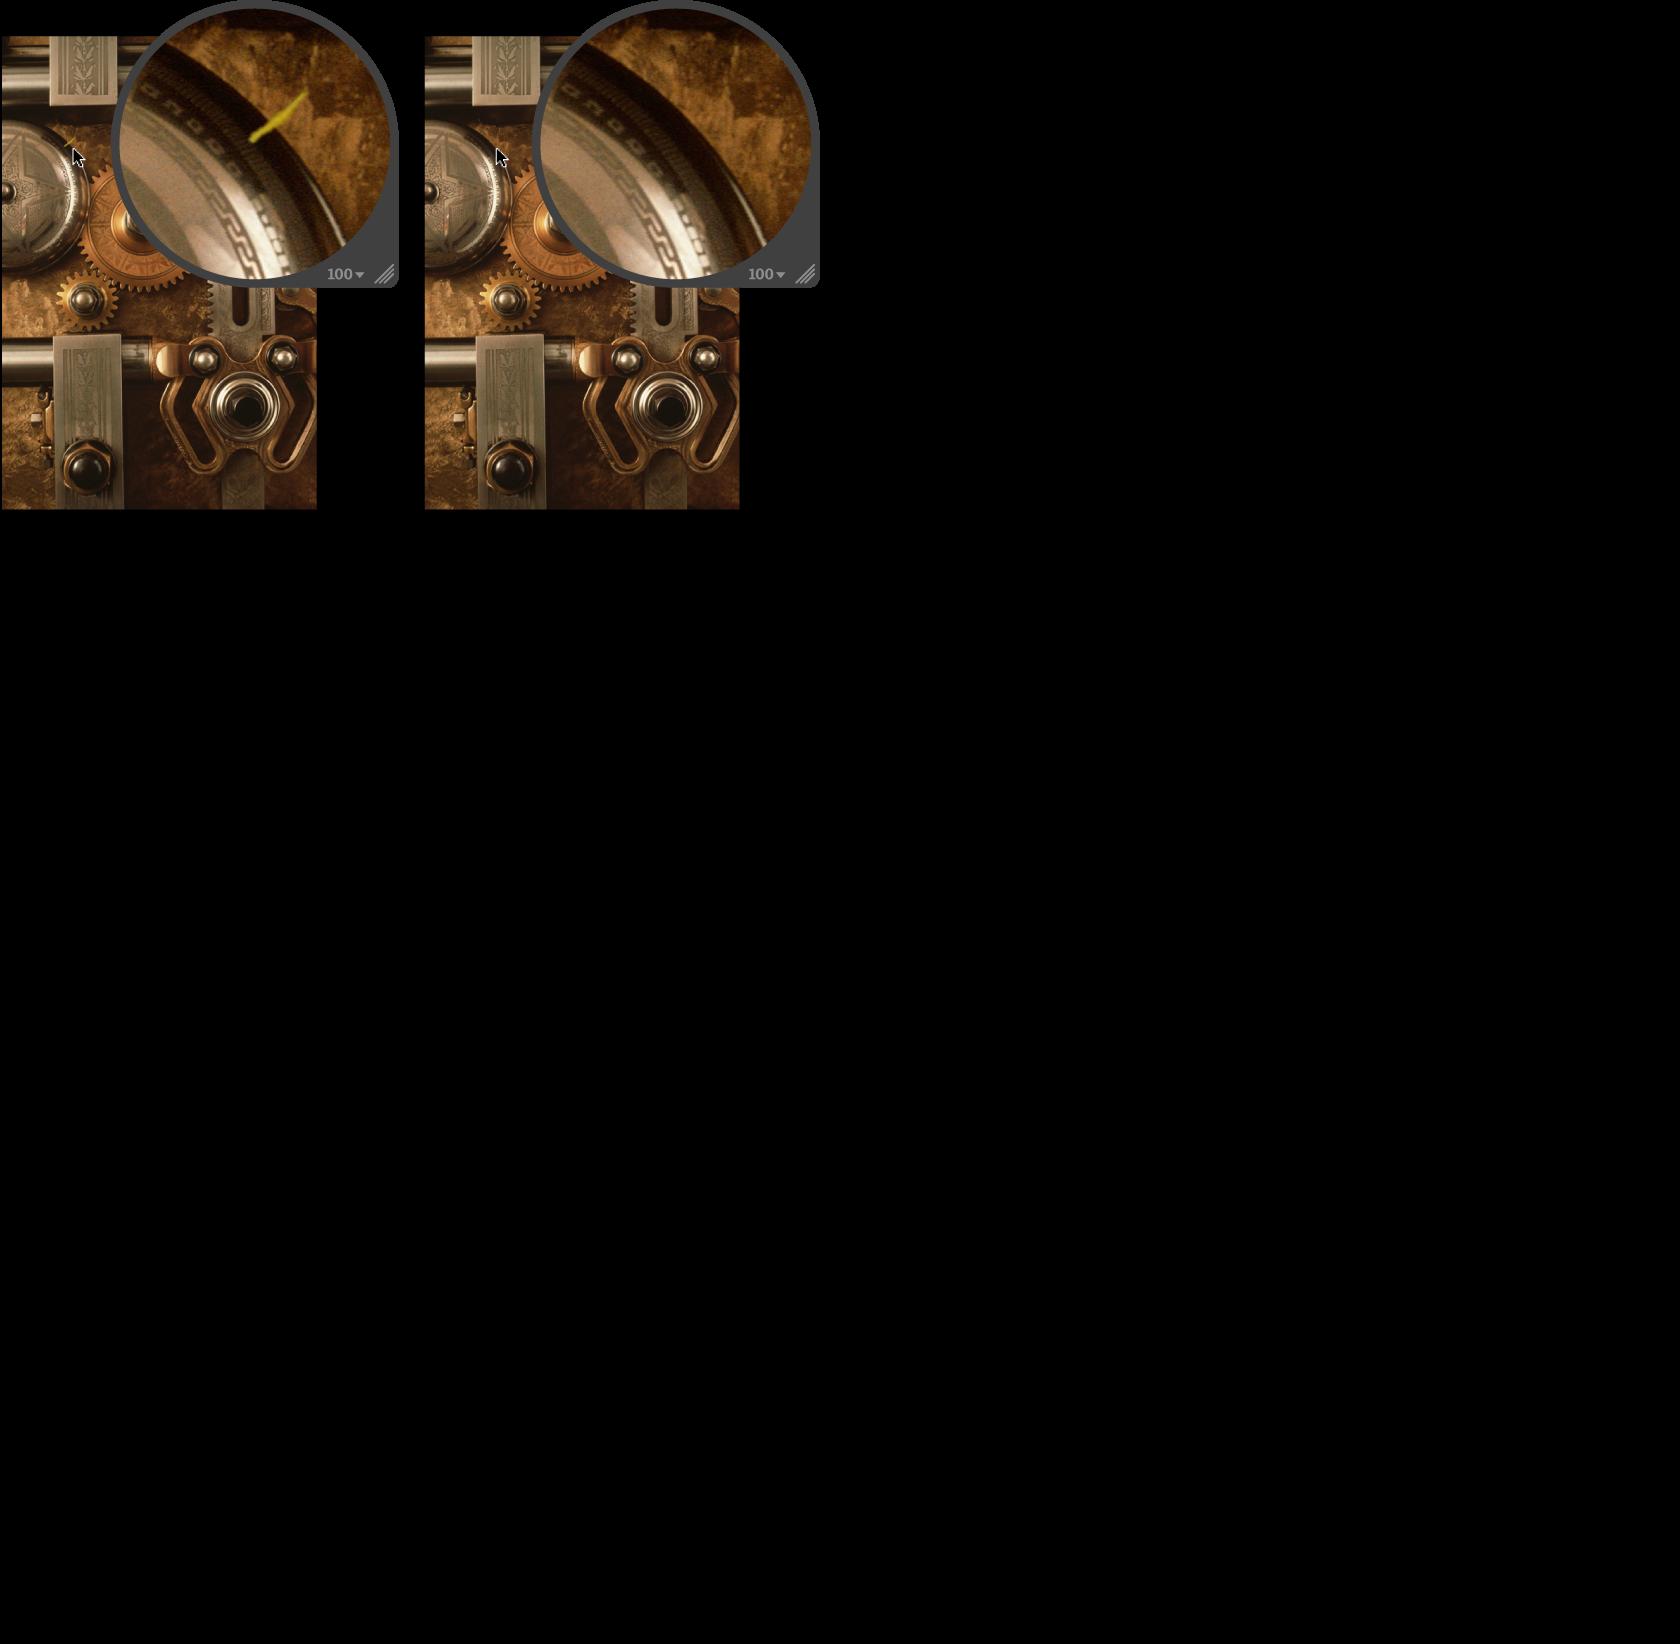 """Abbildung. Bild vor und nach der Anwendung der Anpassung """"Klonen""""."""